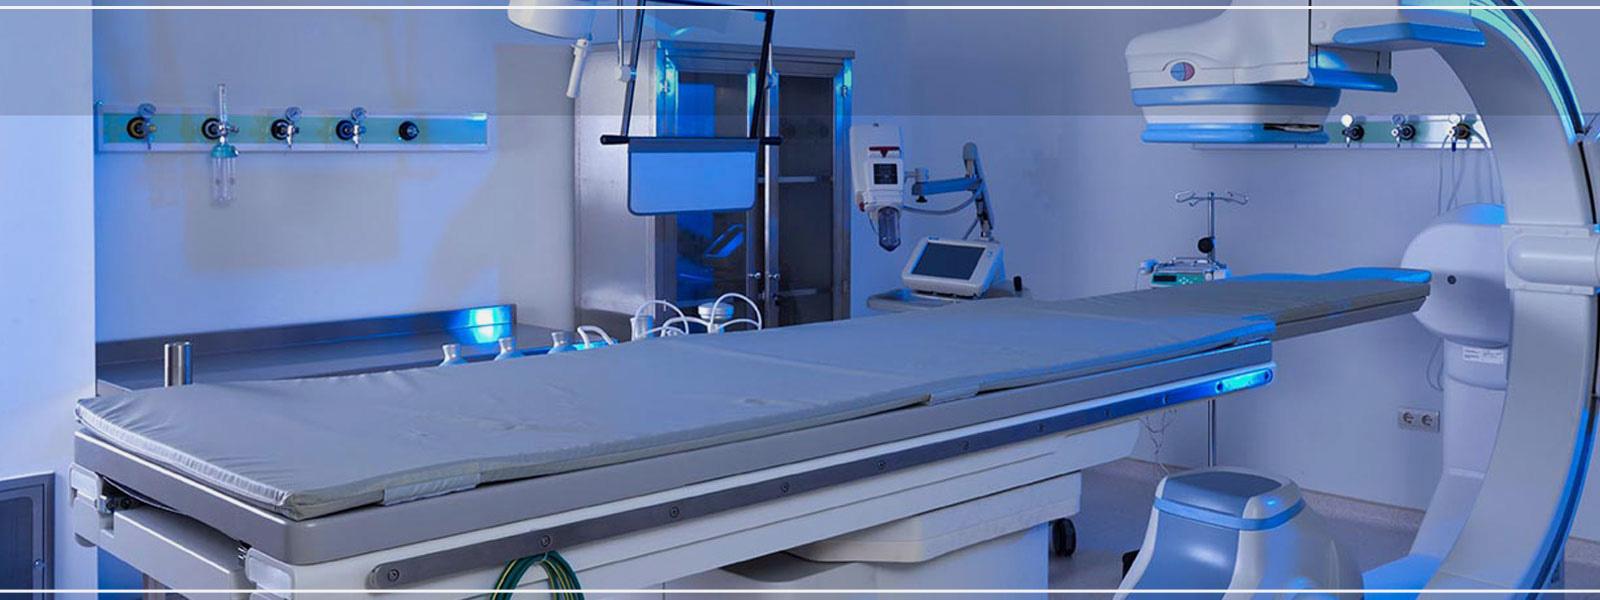 In Krankenhäusern stellen<p></p>wir Ihnen alles zur Verfügung, was Sie brauchen